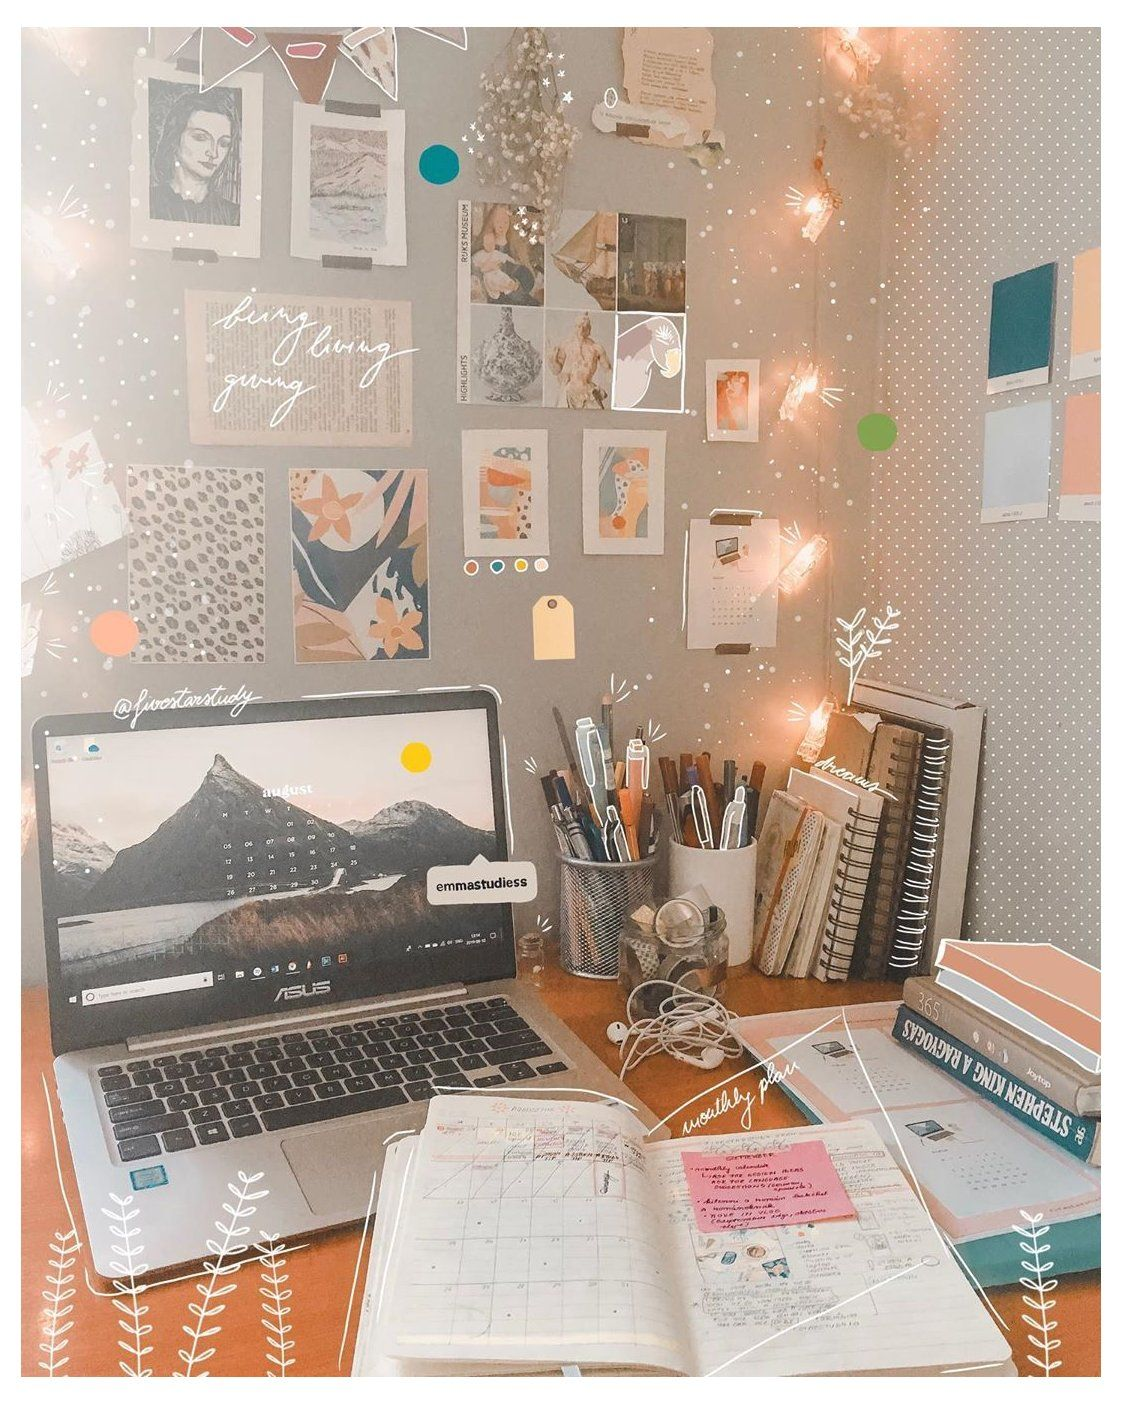 Ultimate Student Organizer Pack Aesthetic Desk Wallpaper Aestheticdeskwallpaper In 2021 Study Room Decor Study Decor Study Desk Decor